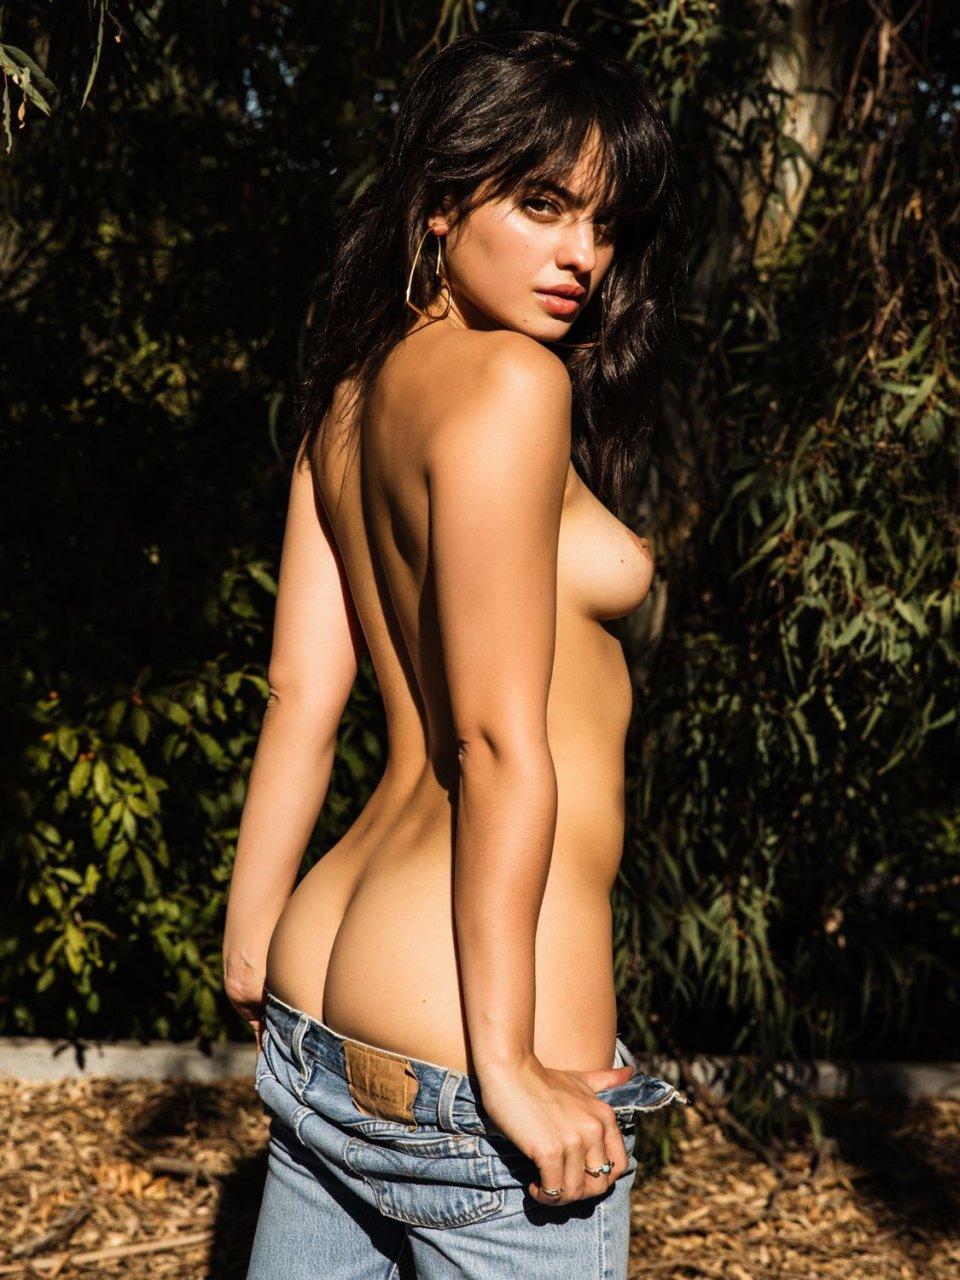 preeti young nude